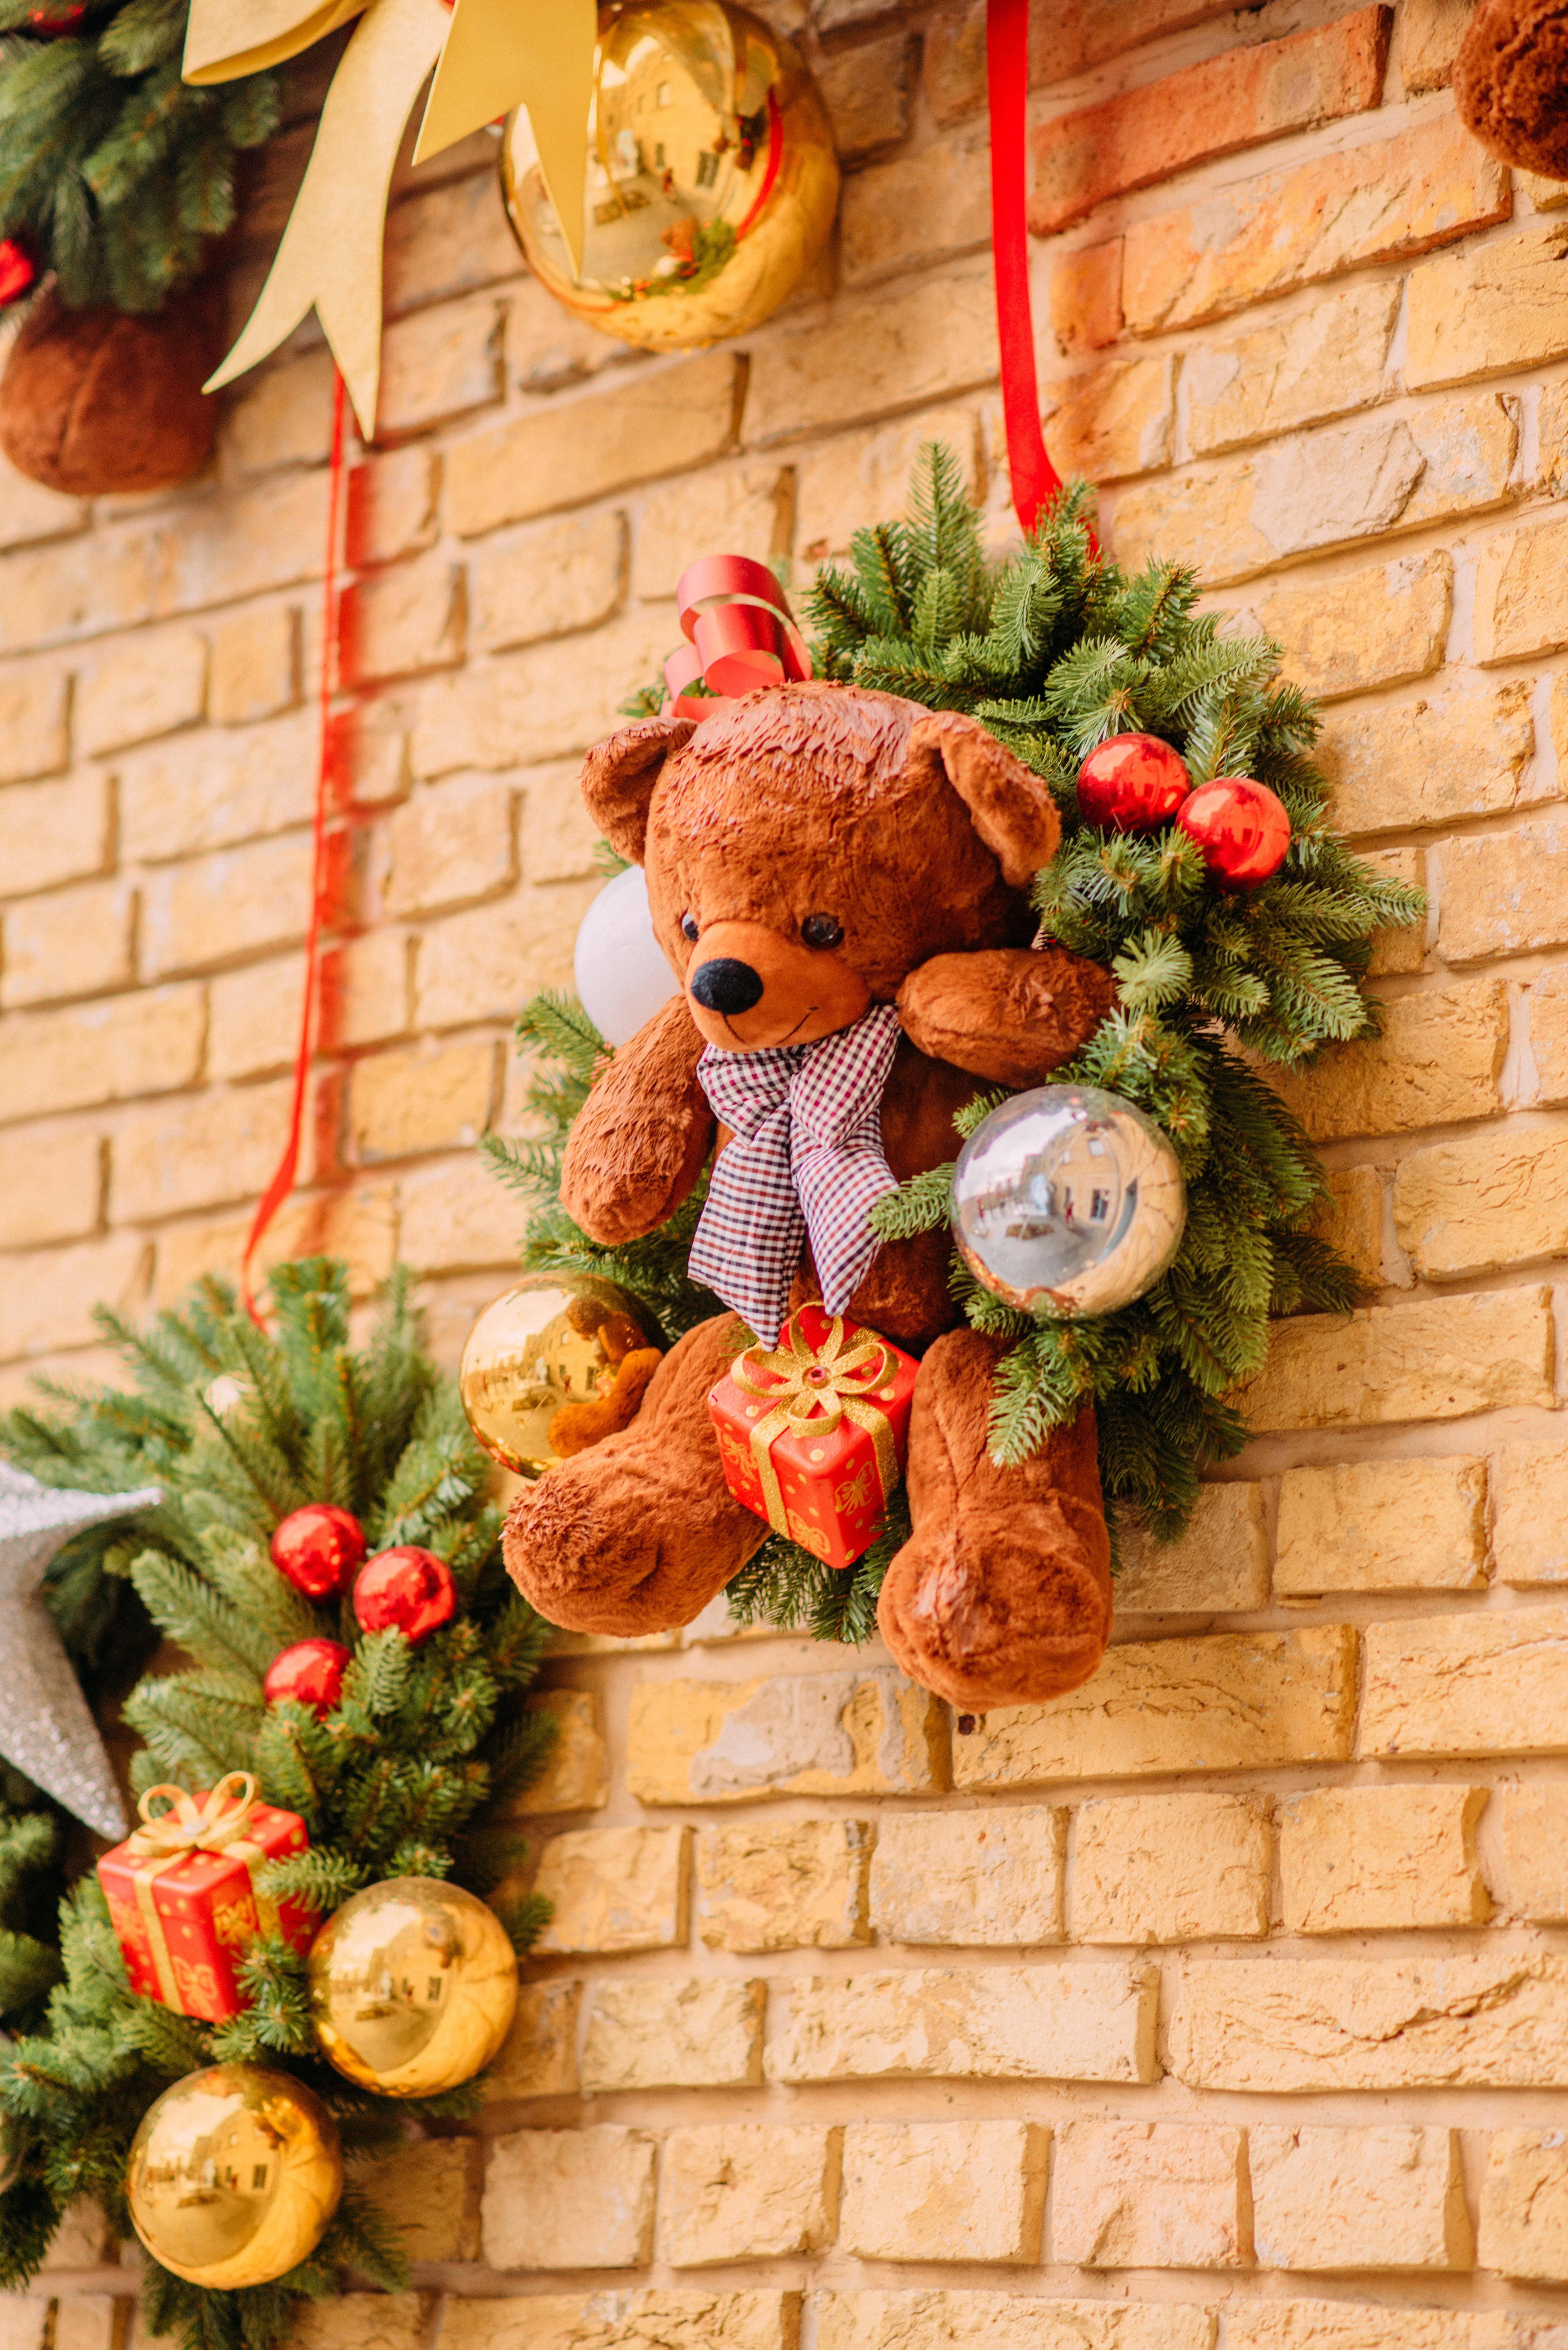 96784 скачать обои Новый Год, Праздники, Украшения, Рождество, Игрушка, Венок, Плюшевый Мишка - заставки и картинки бесплатно